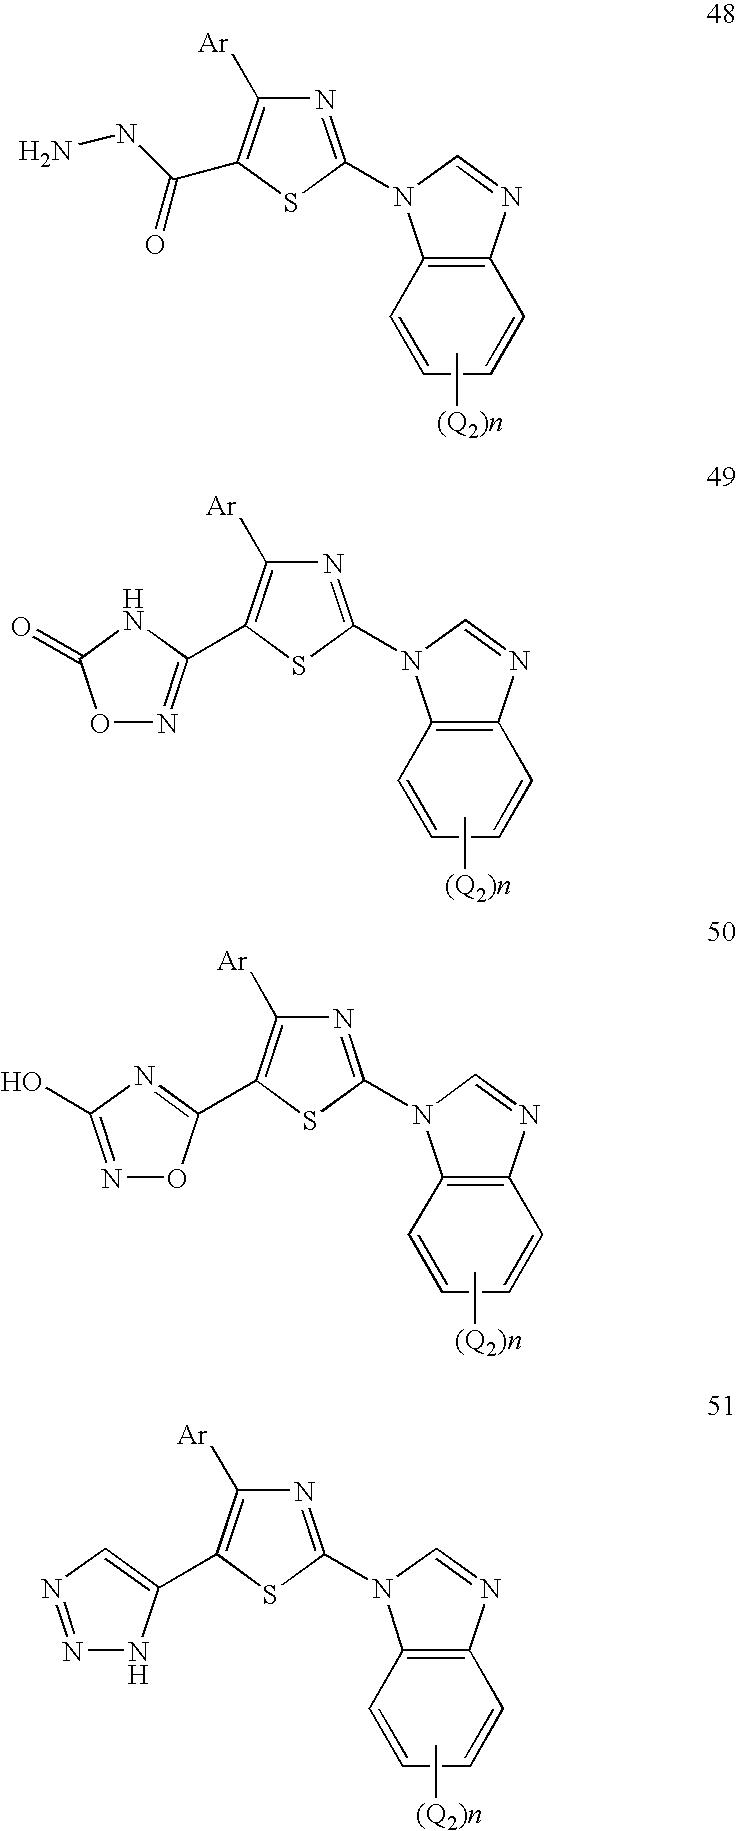 Figure US07504513-20090317-C00050